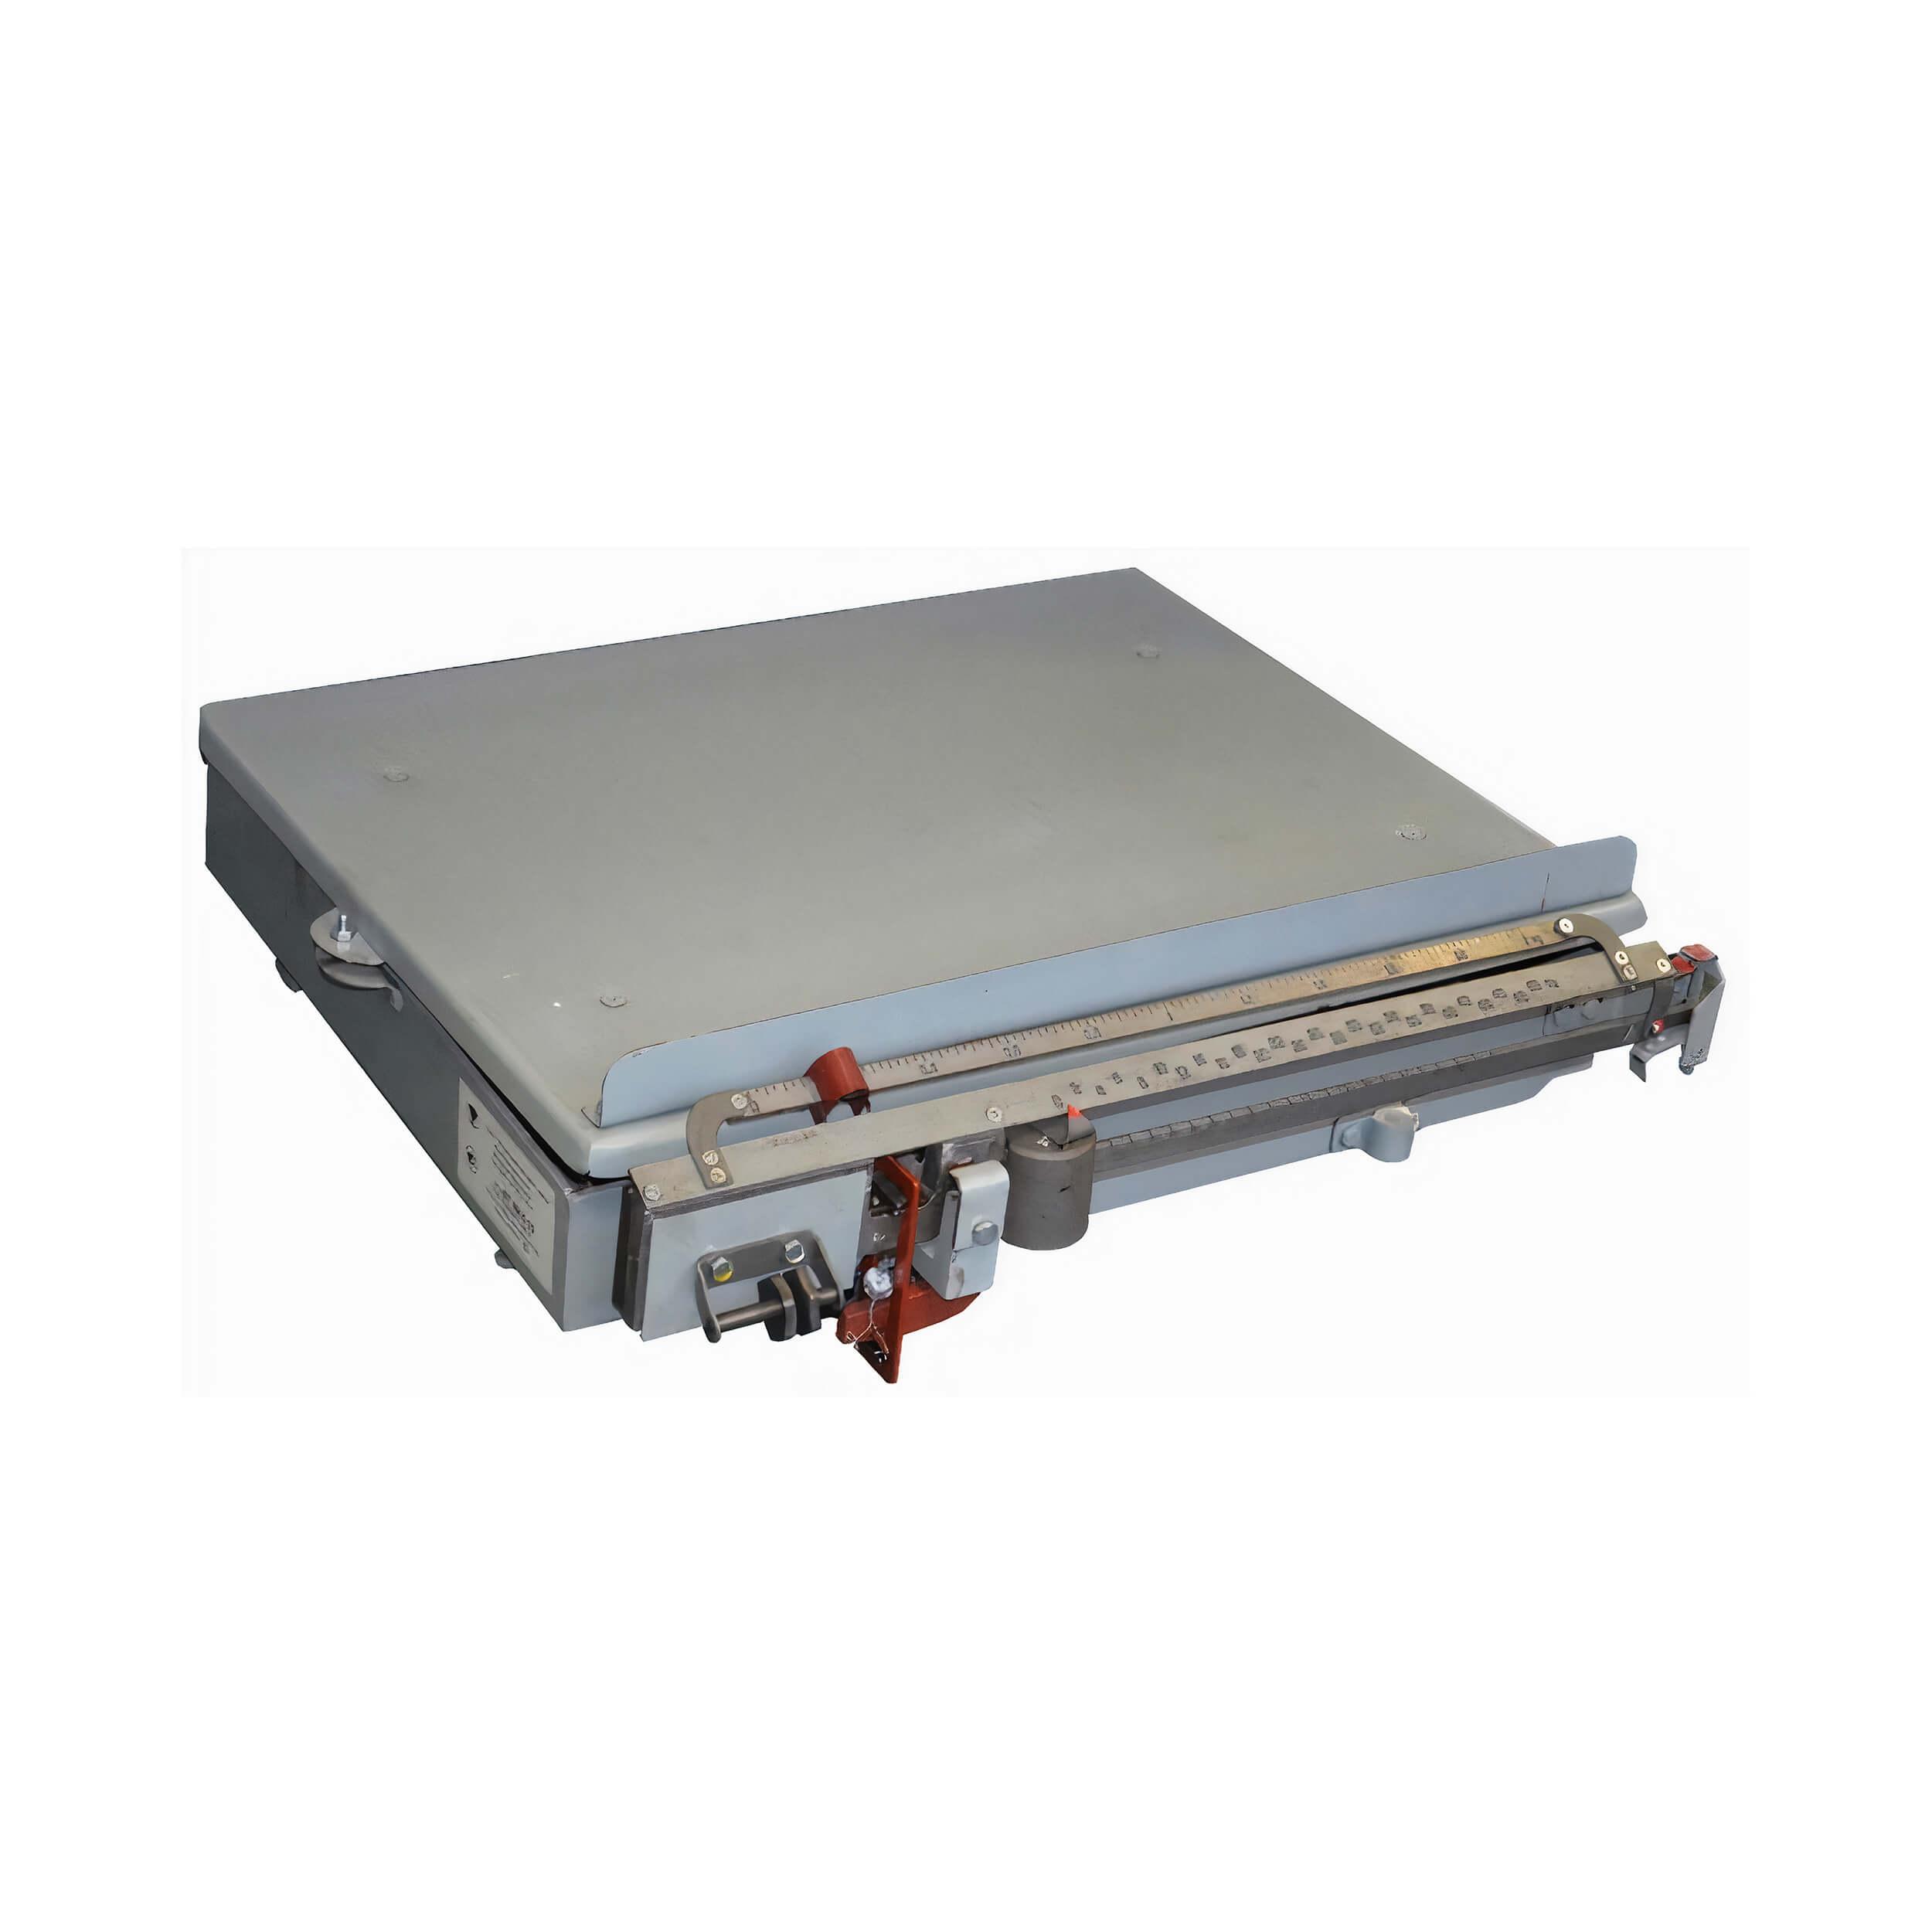 Весы контрольные для улья (до 100 кг, нержавейка платформа 610х620 мм) фото